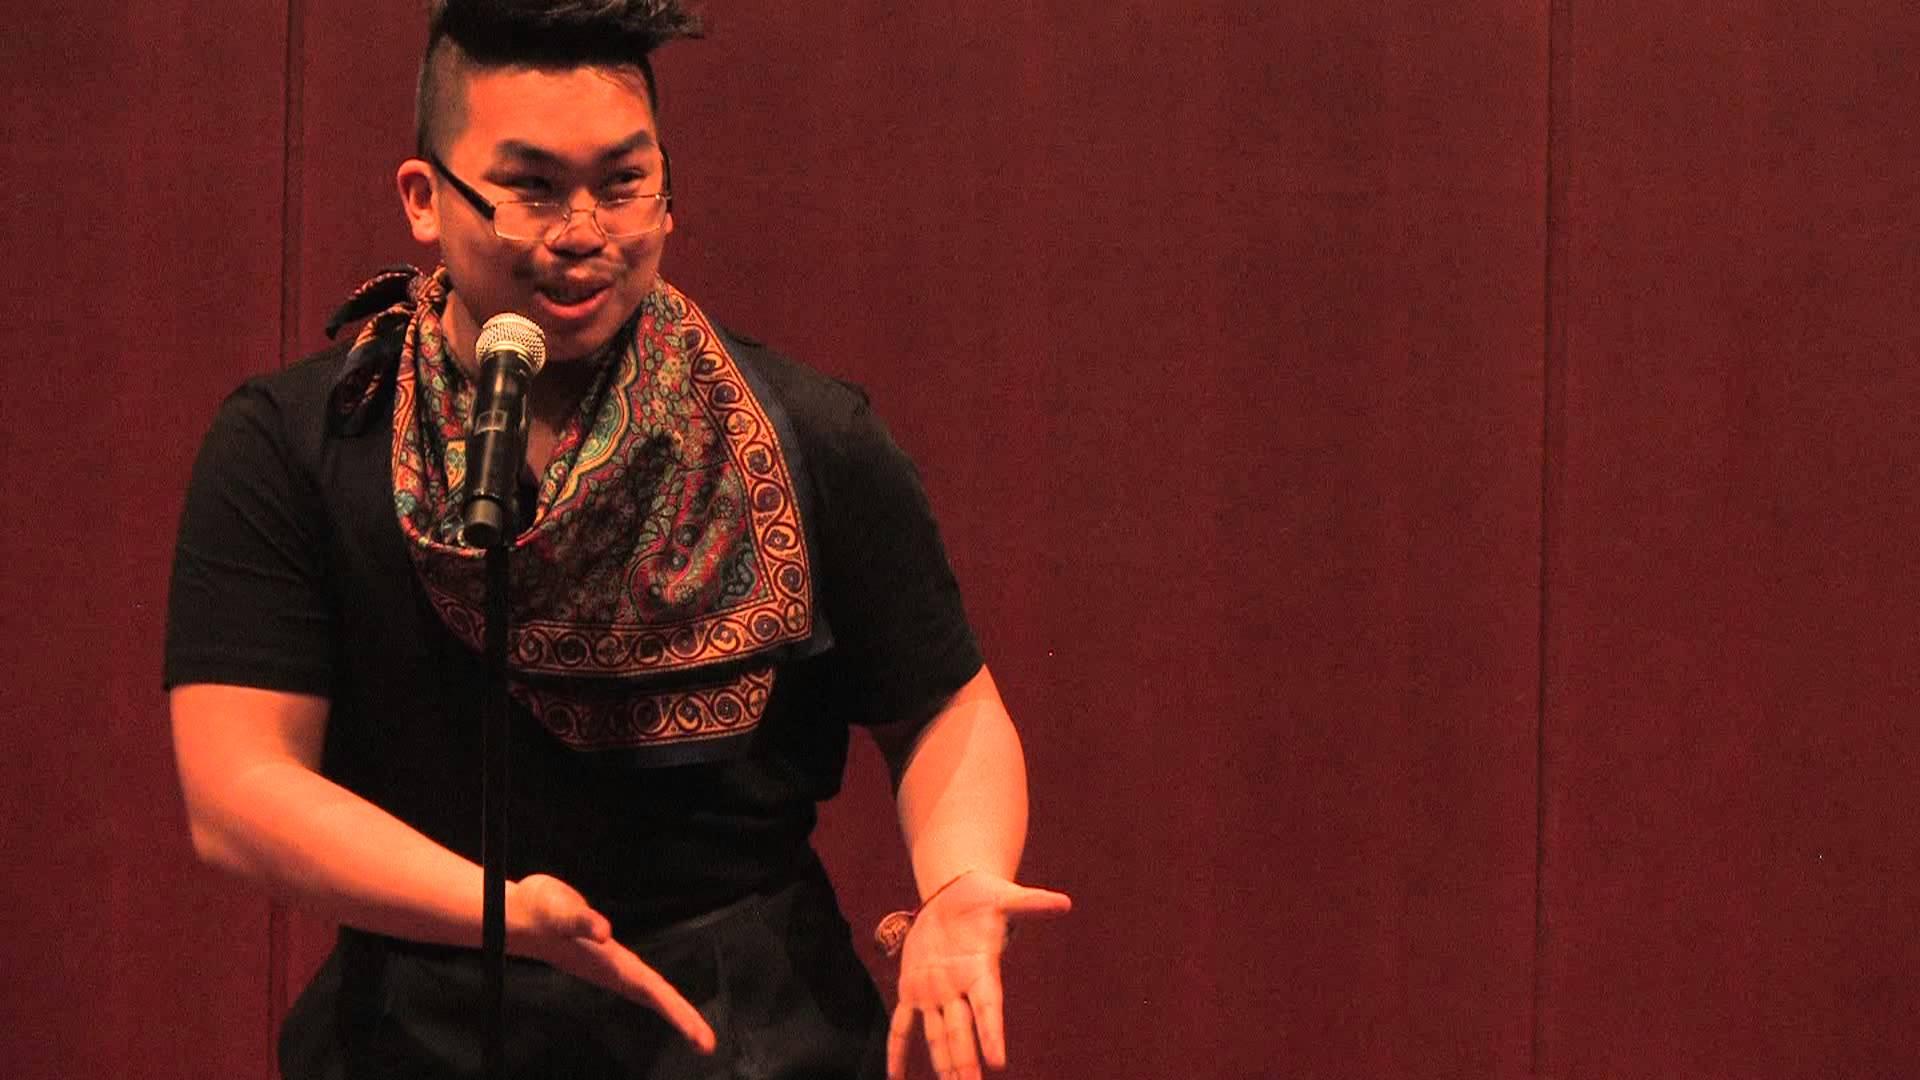 2 nhà thơ trẻ gốc Việt thuộc 5 người nhận học bổng Ruth Lilly 129,000 USD